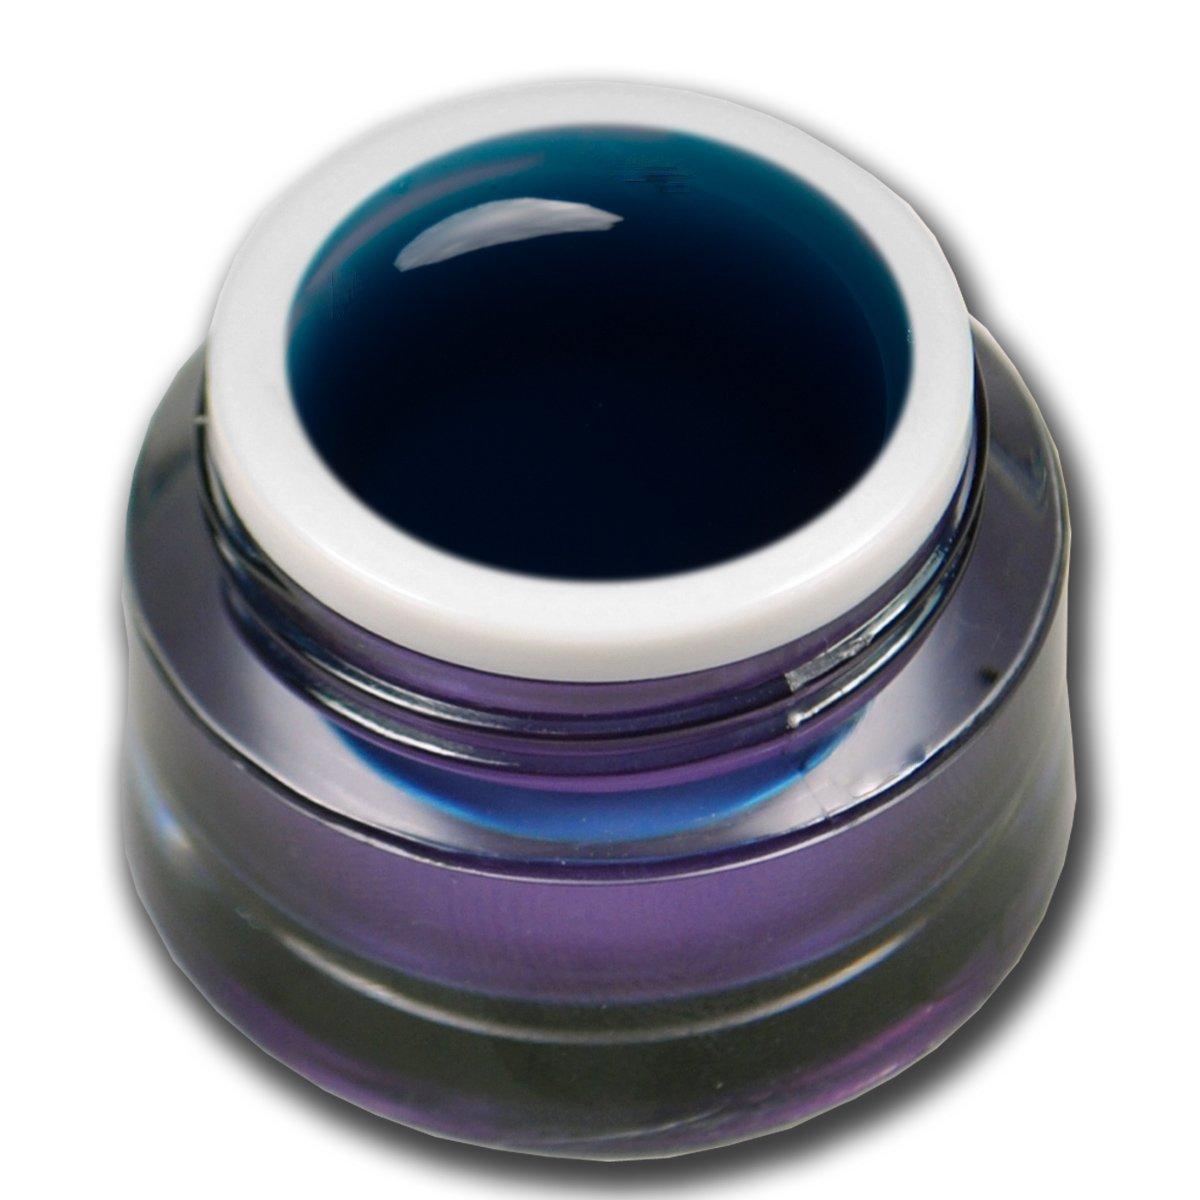 Premium Gel vetro colorato turchese 5ml Gel UV Unghie Nail Art